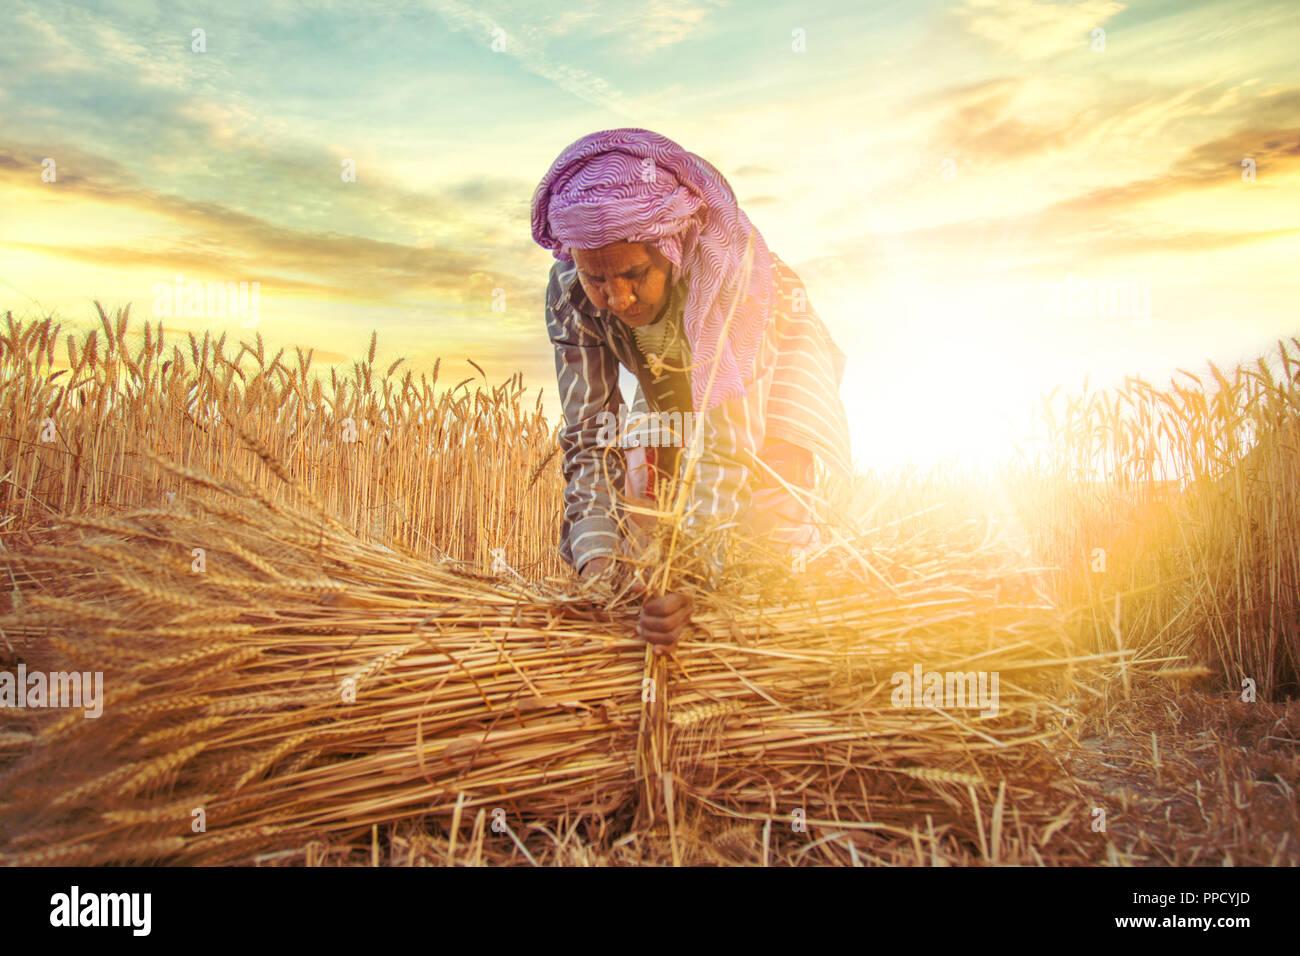 Una vecchia donna indiana agricoltore fasci di raccolta del frumento levetta ; Haryana ; India Immagini Stock